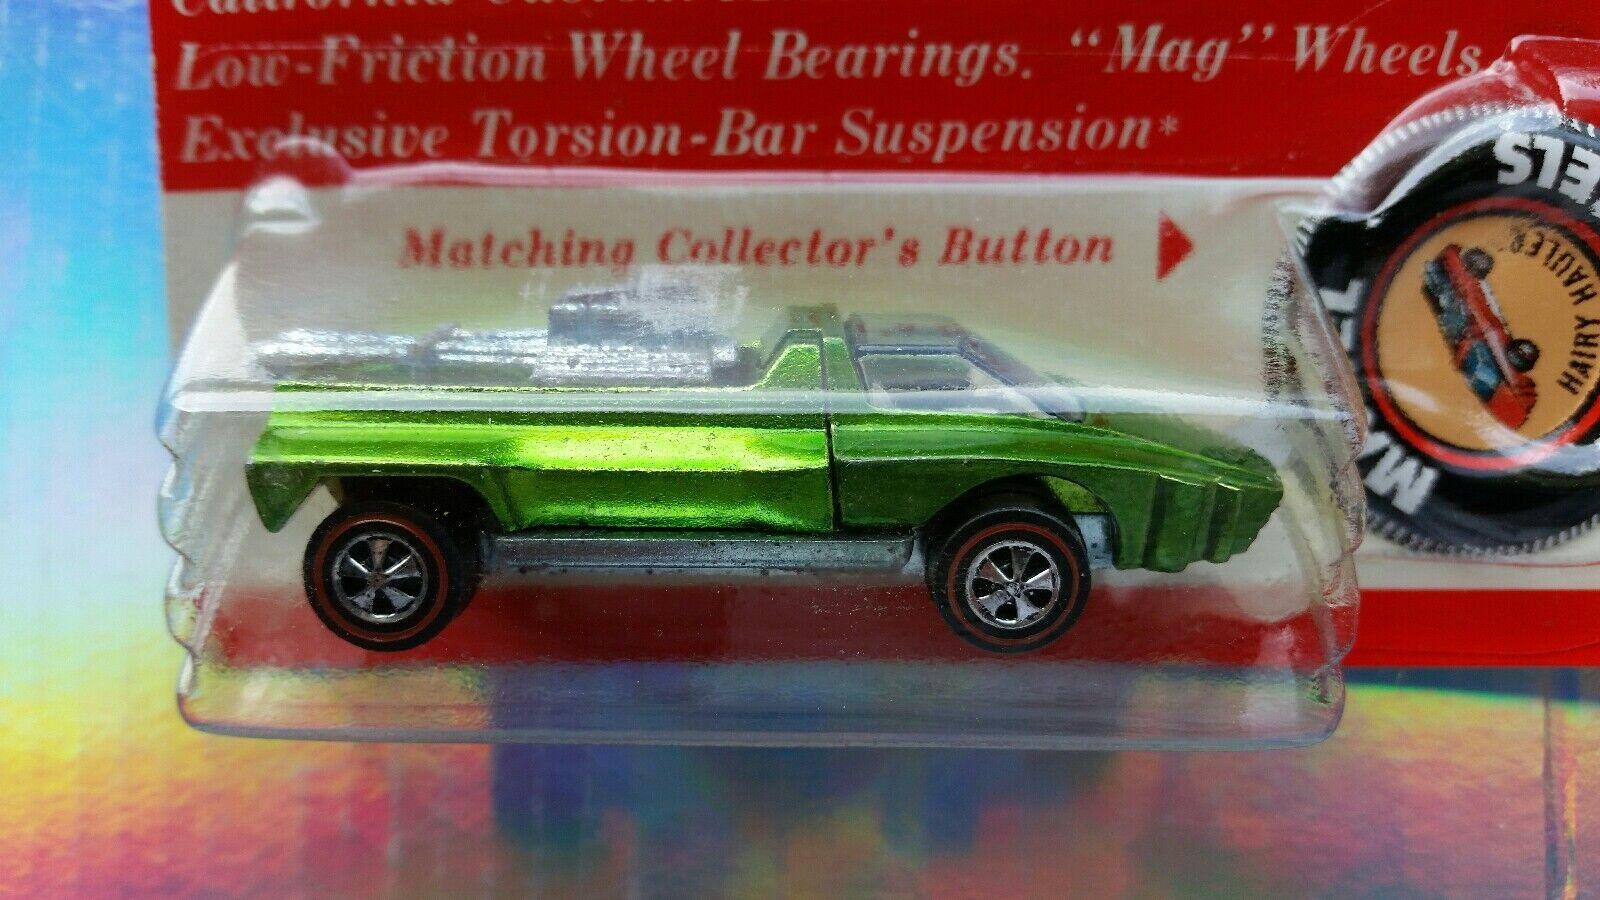 servicio honesto Blister de 1971    rojoline     peludas Hauler BP Hot Wheels  Original  raros  Coleccionable  muy difícil de encontrar  precios mas bajos